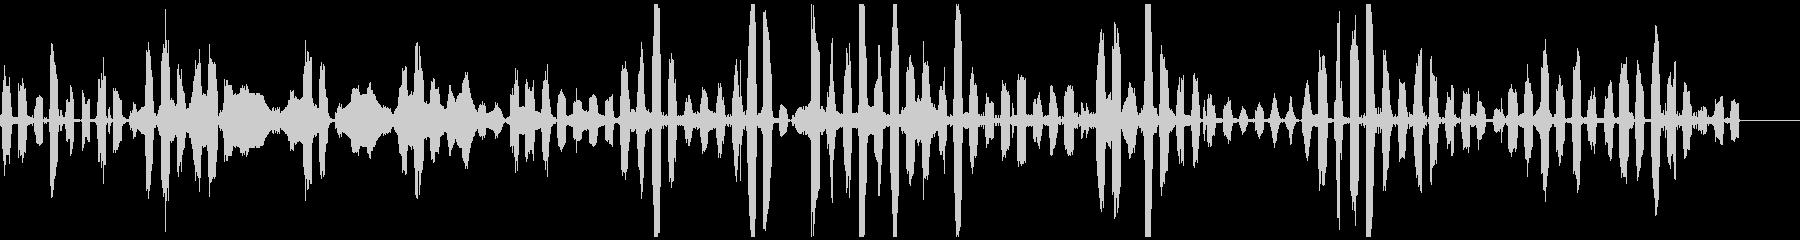 モンスター 妖精 足音 低音 ぶおんの未再生の波形